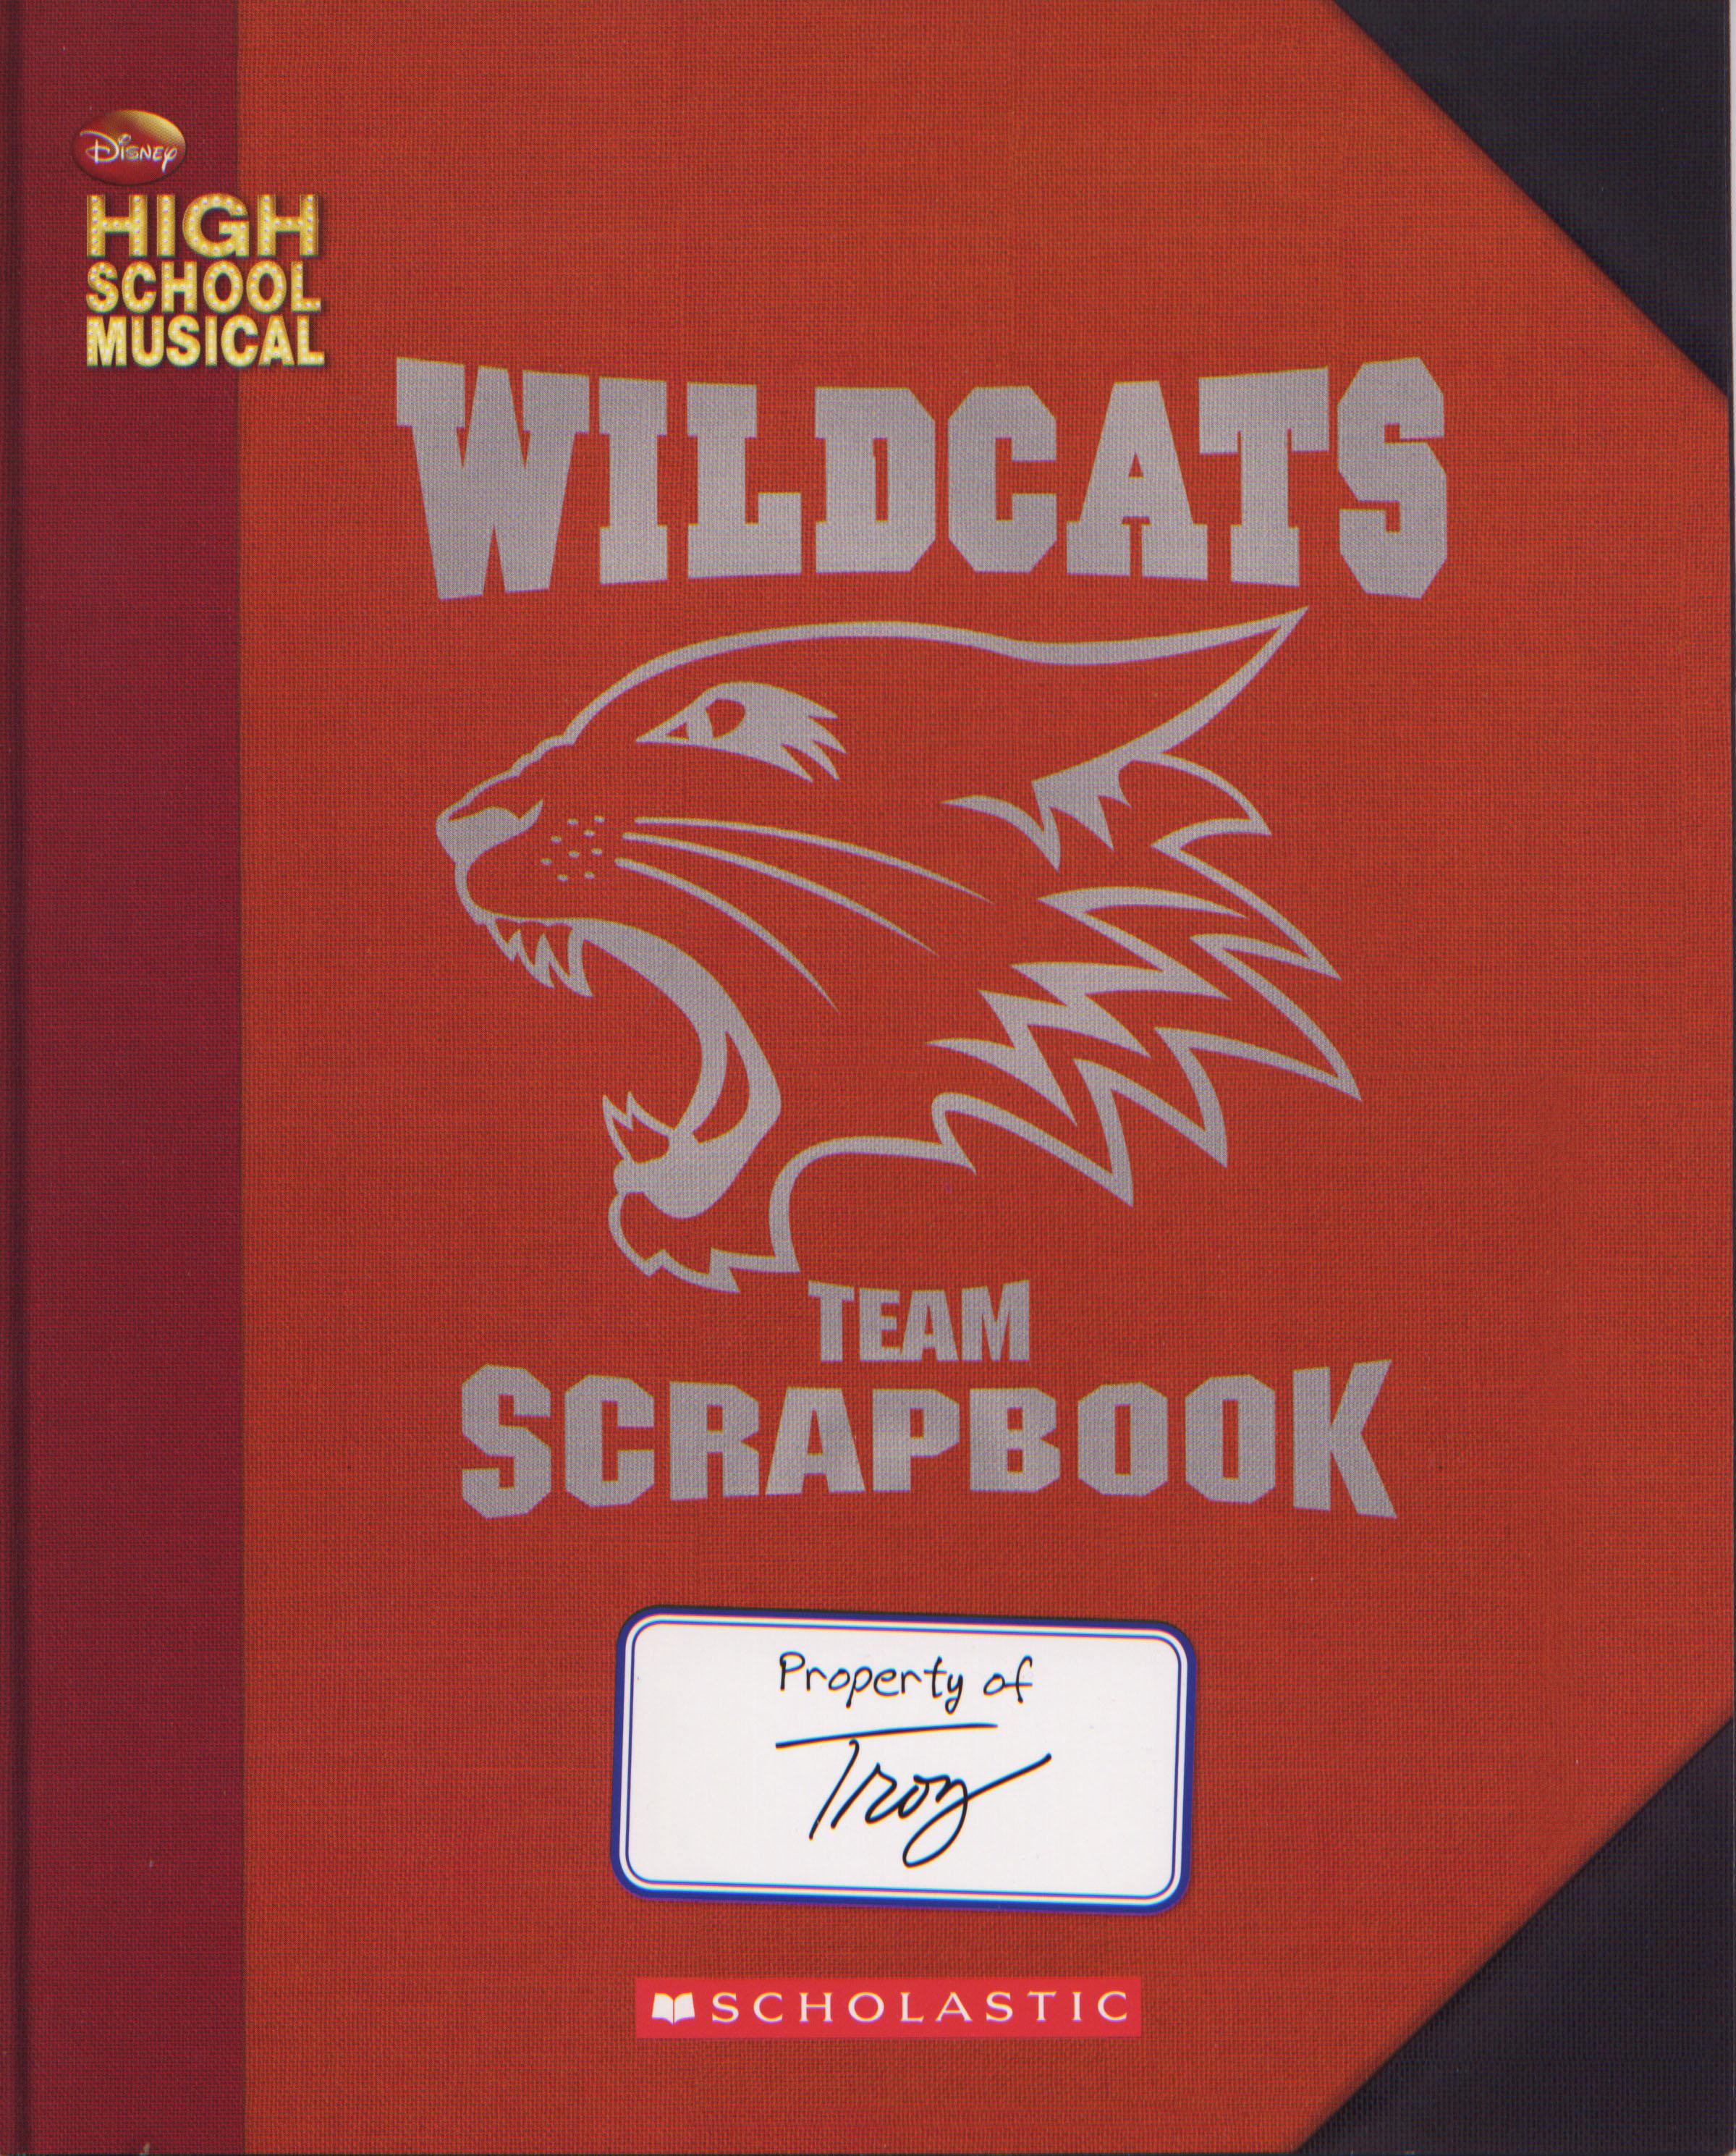 High School Musical: Troy's Wildcats Team Scrapbook